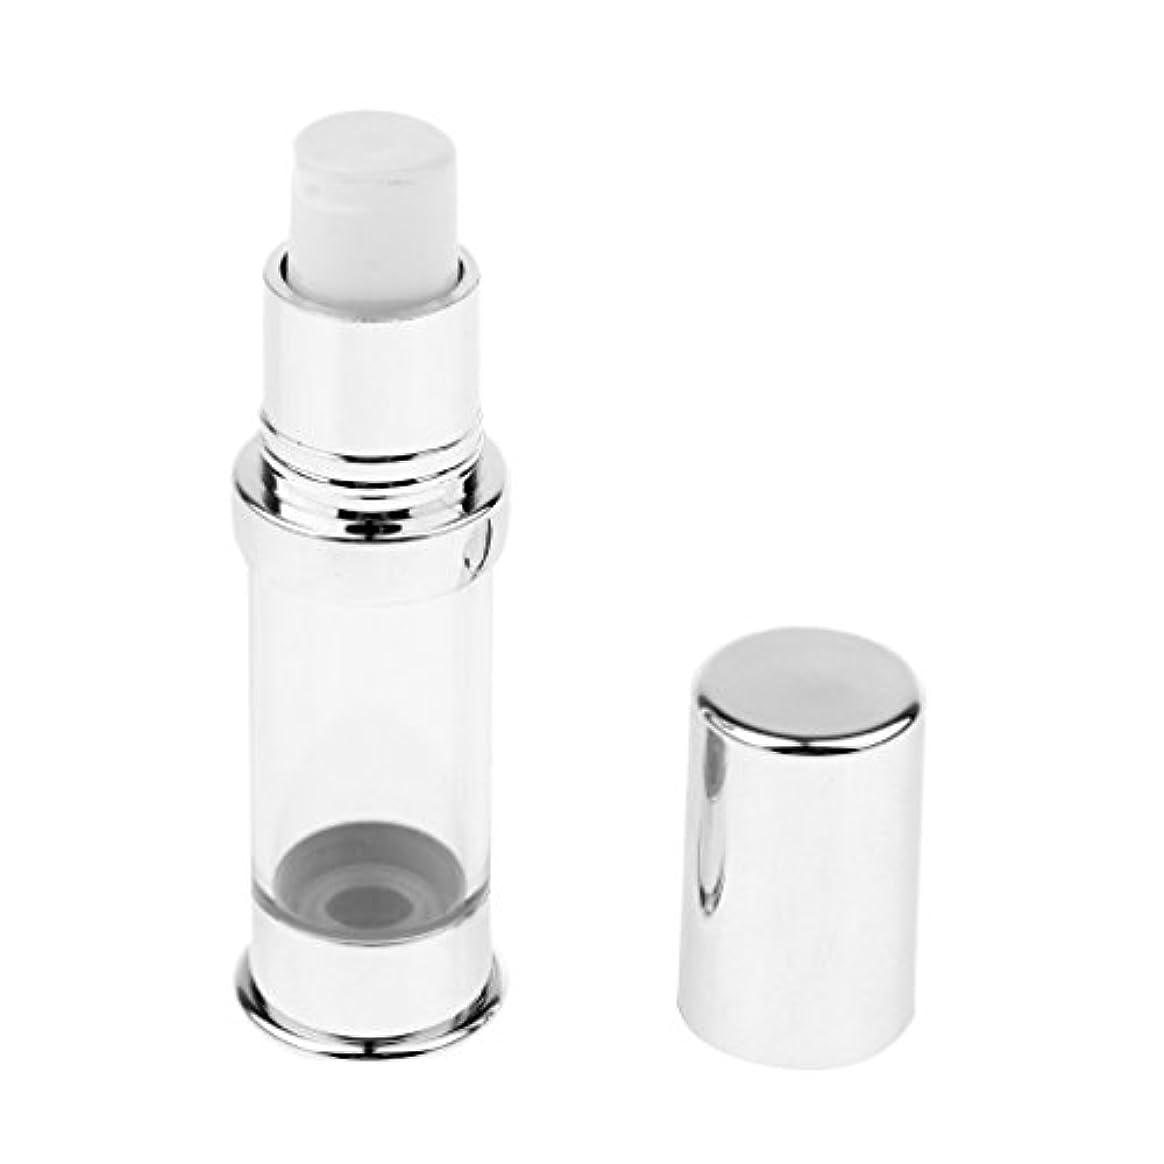 ボトルネックグローインタフェースポンプボトル エアレスボトル 5ミリリットル コスメ 化粧品 詰替え 小分け容器